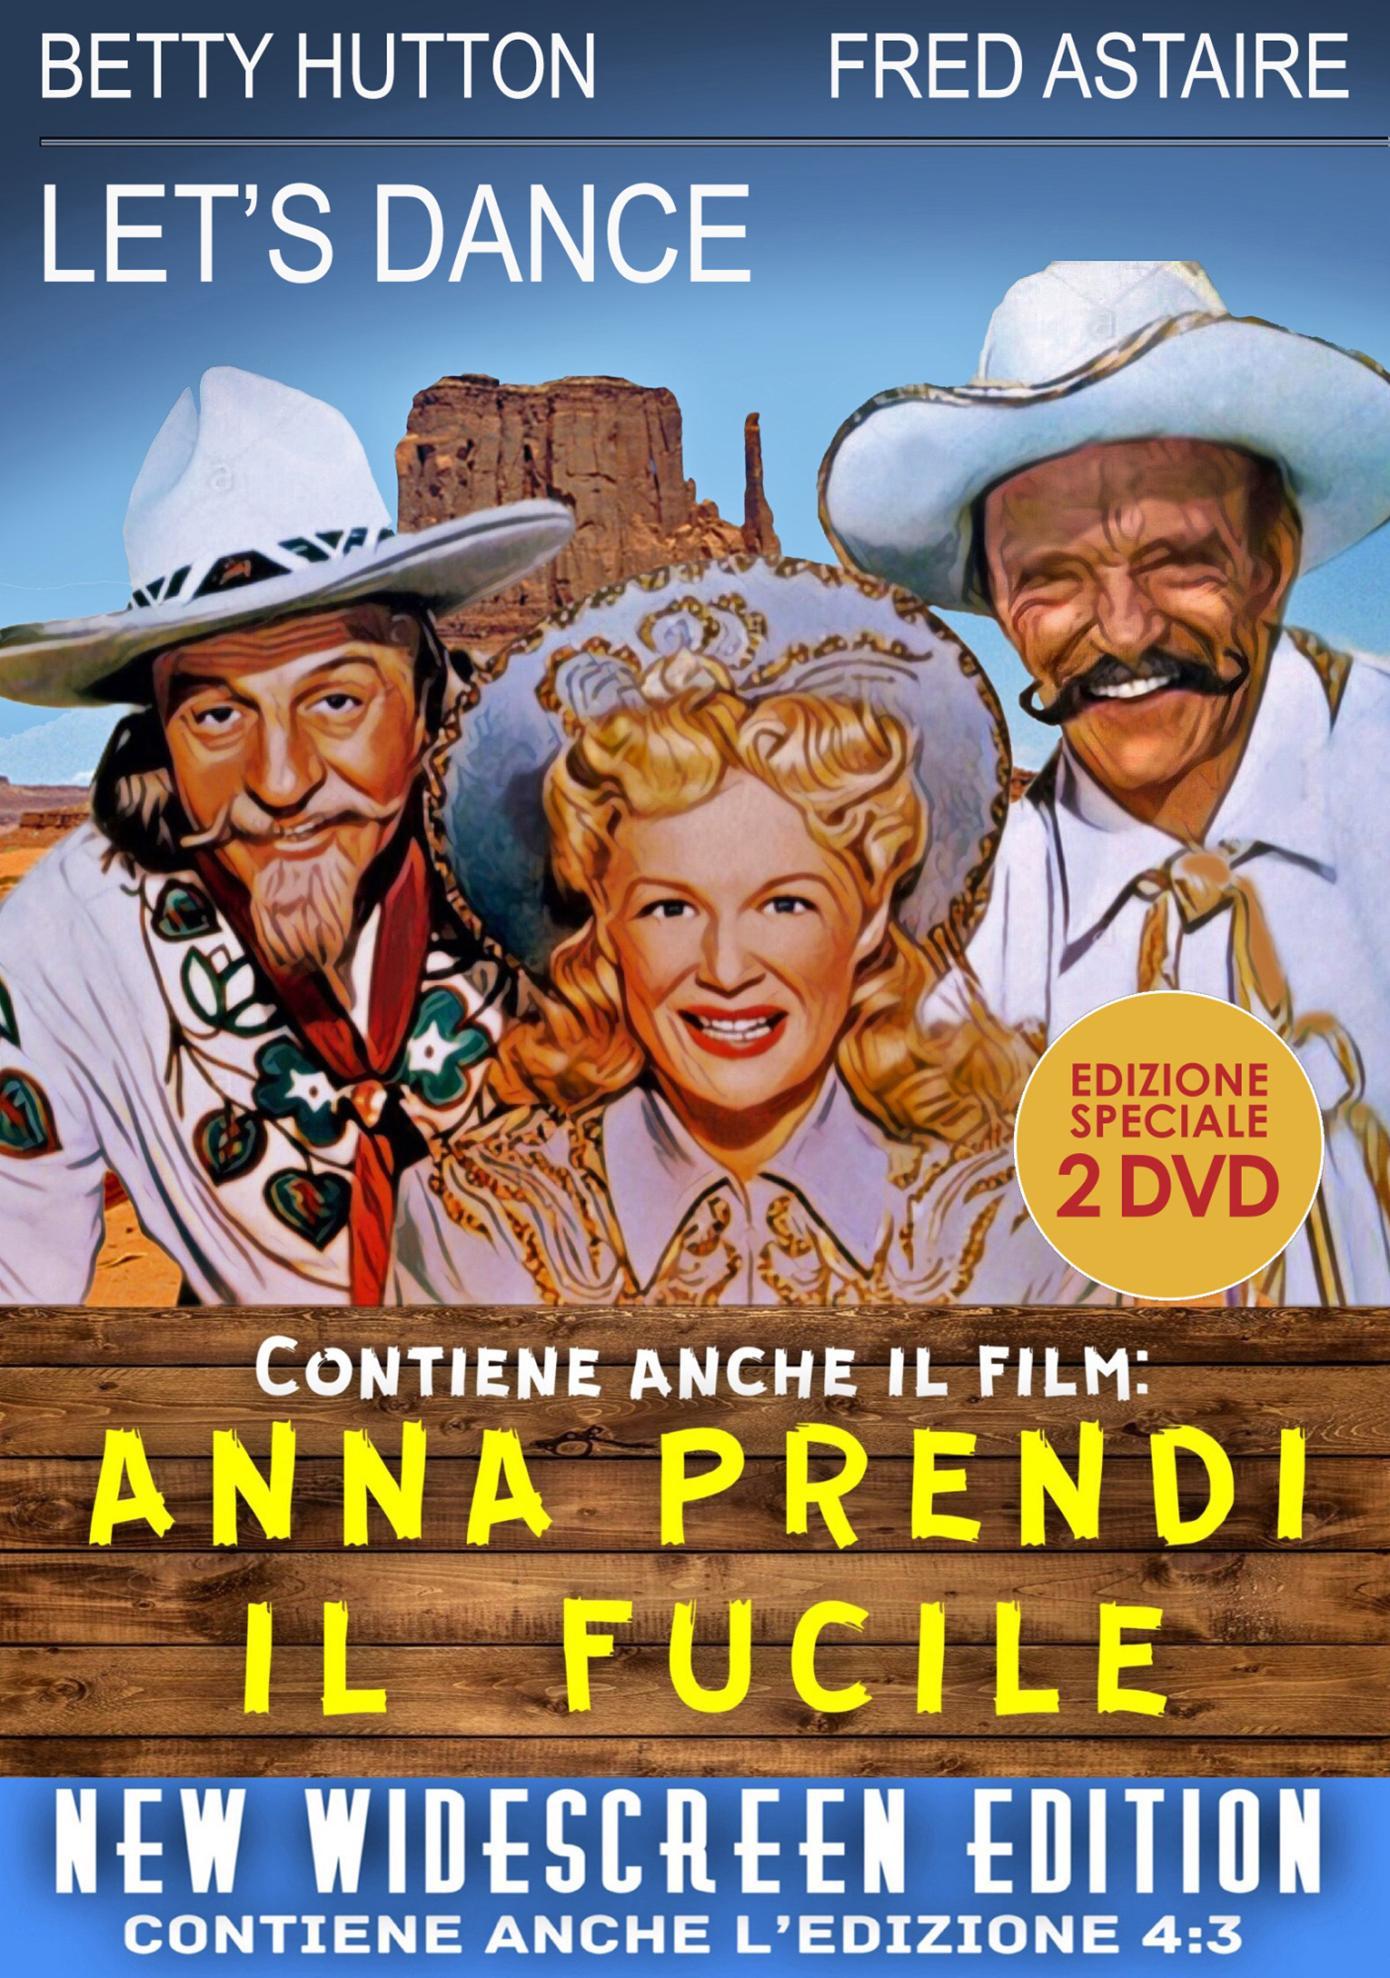 LET'S DANCE / ANNA PRENDI IL FUCILE (2 DVD) (DVD)